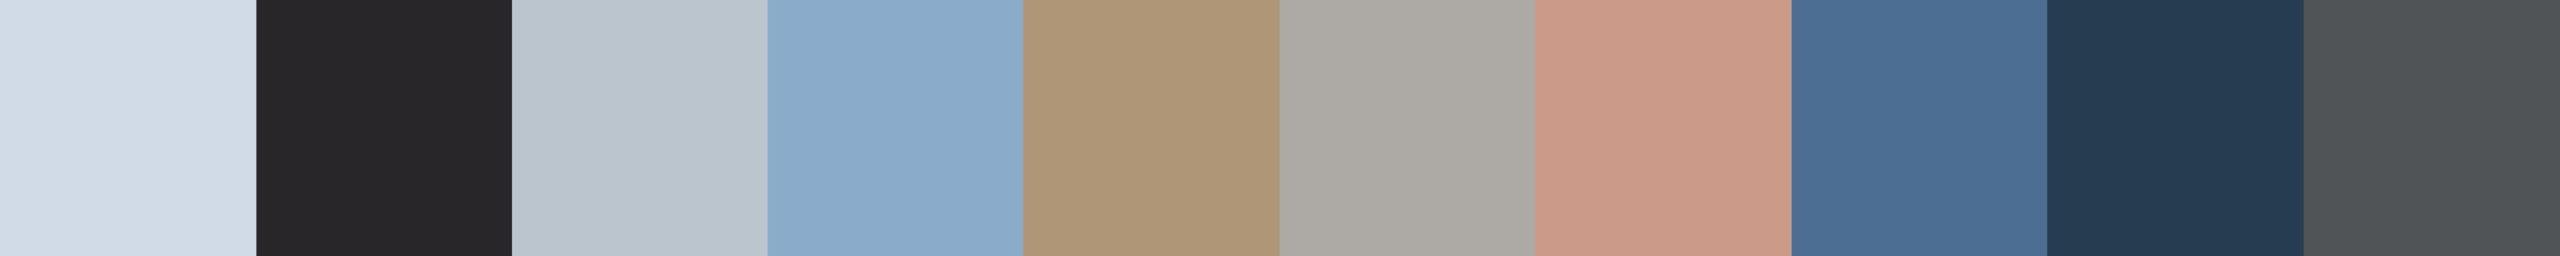 591 Kamali Color Palette